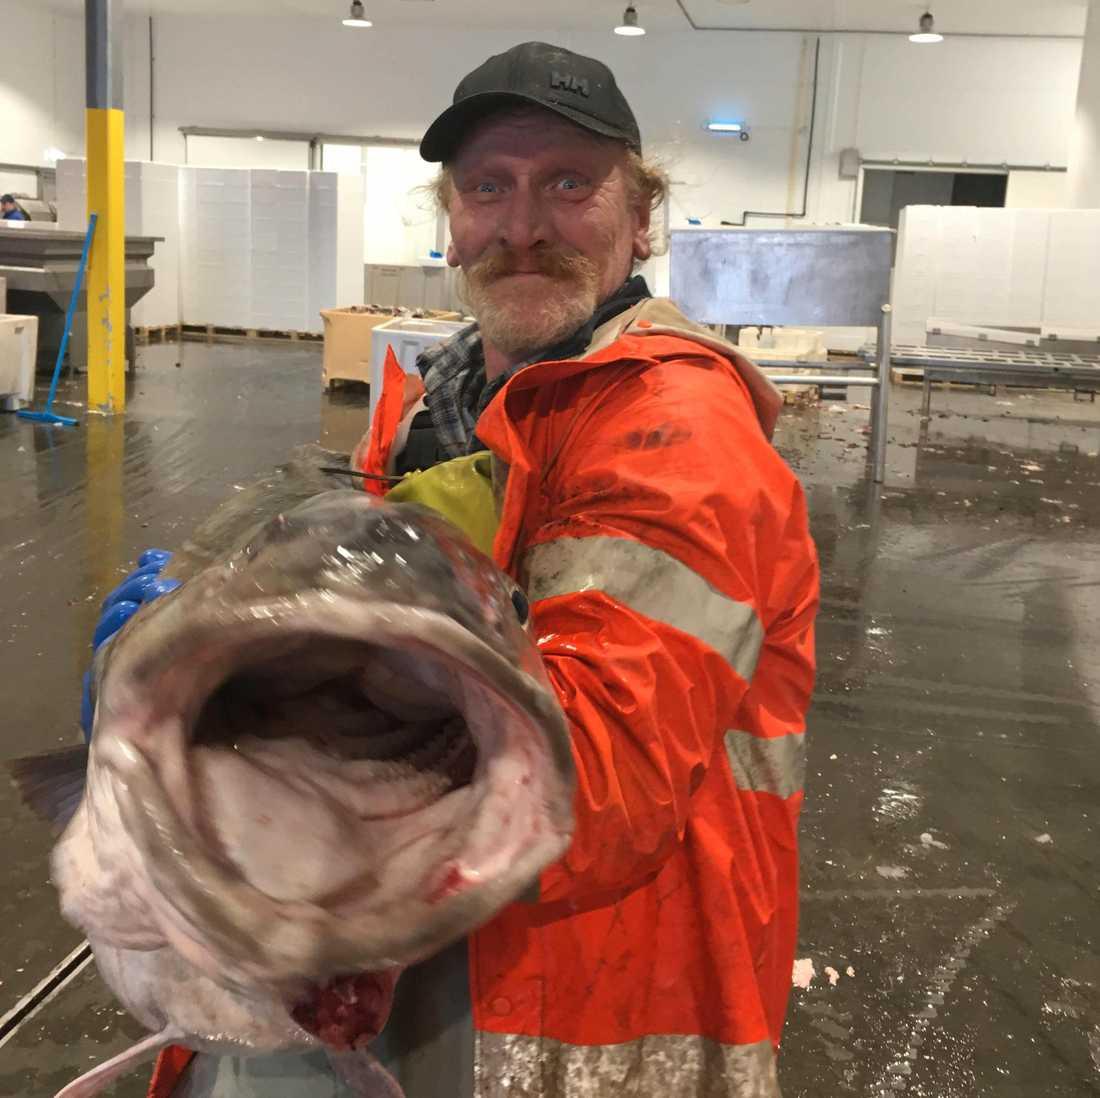 Det officiela världsrekordet i torsk är registrerat på 47,02 kilo till skillnad från Tonnys torsk som vägde 55,5 kilo.